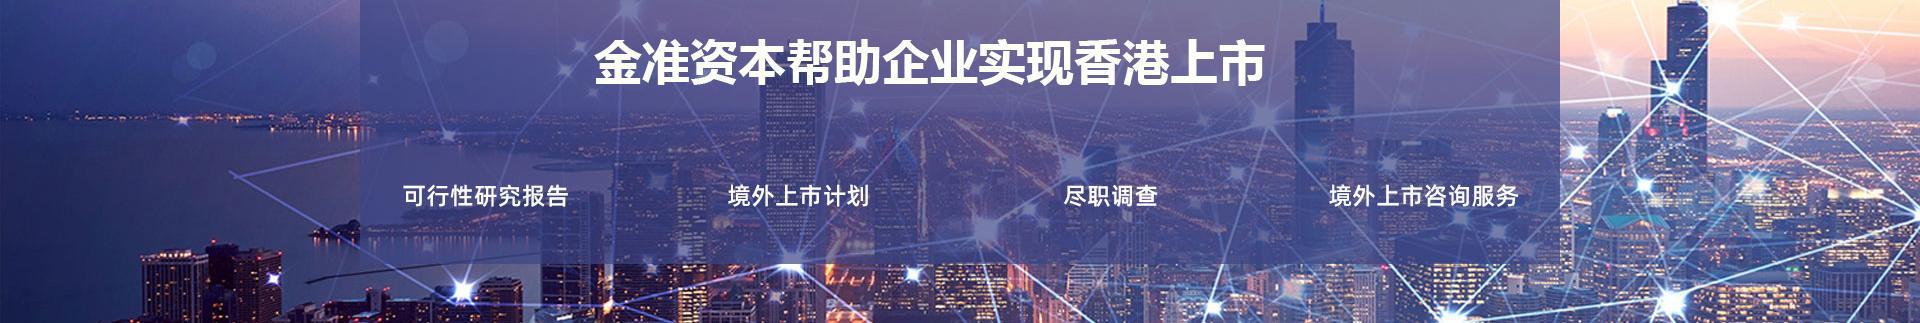 2021年4月13日 - 香港上市|金准资本